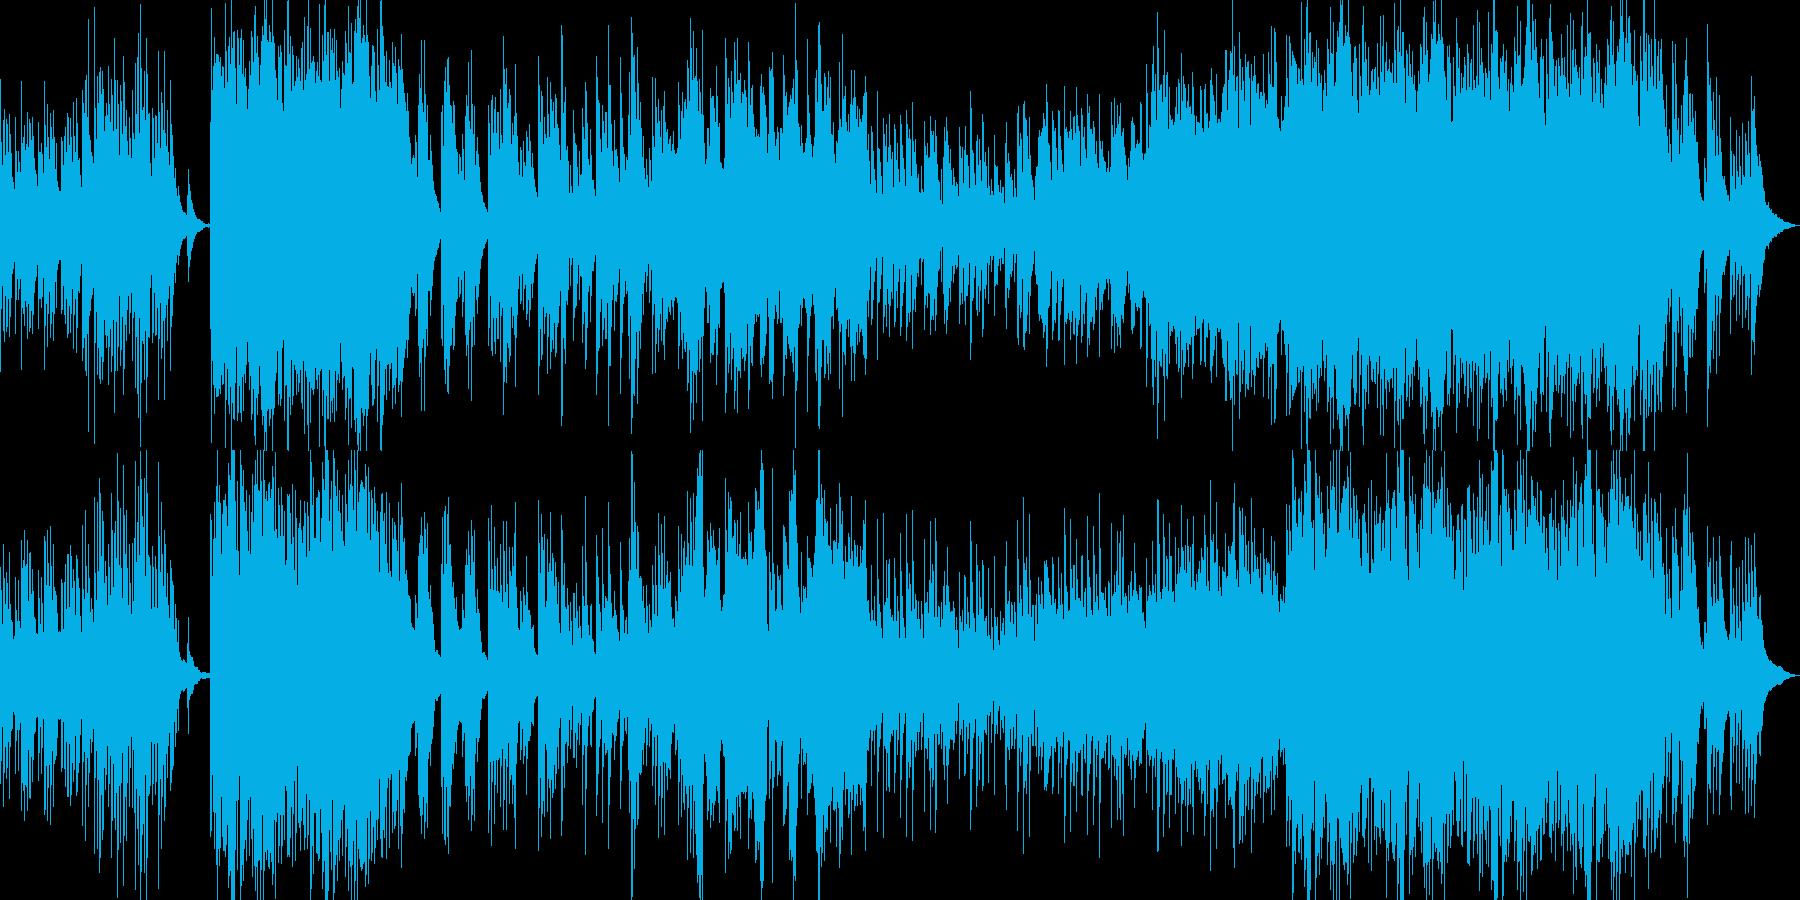 和風琴華やか温かい春オーケストラピアノの再生済みの波形